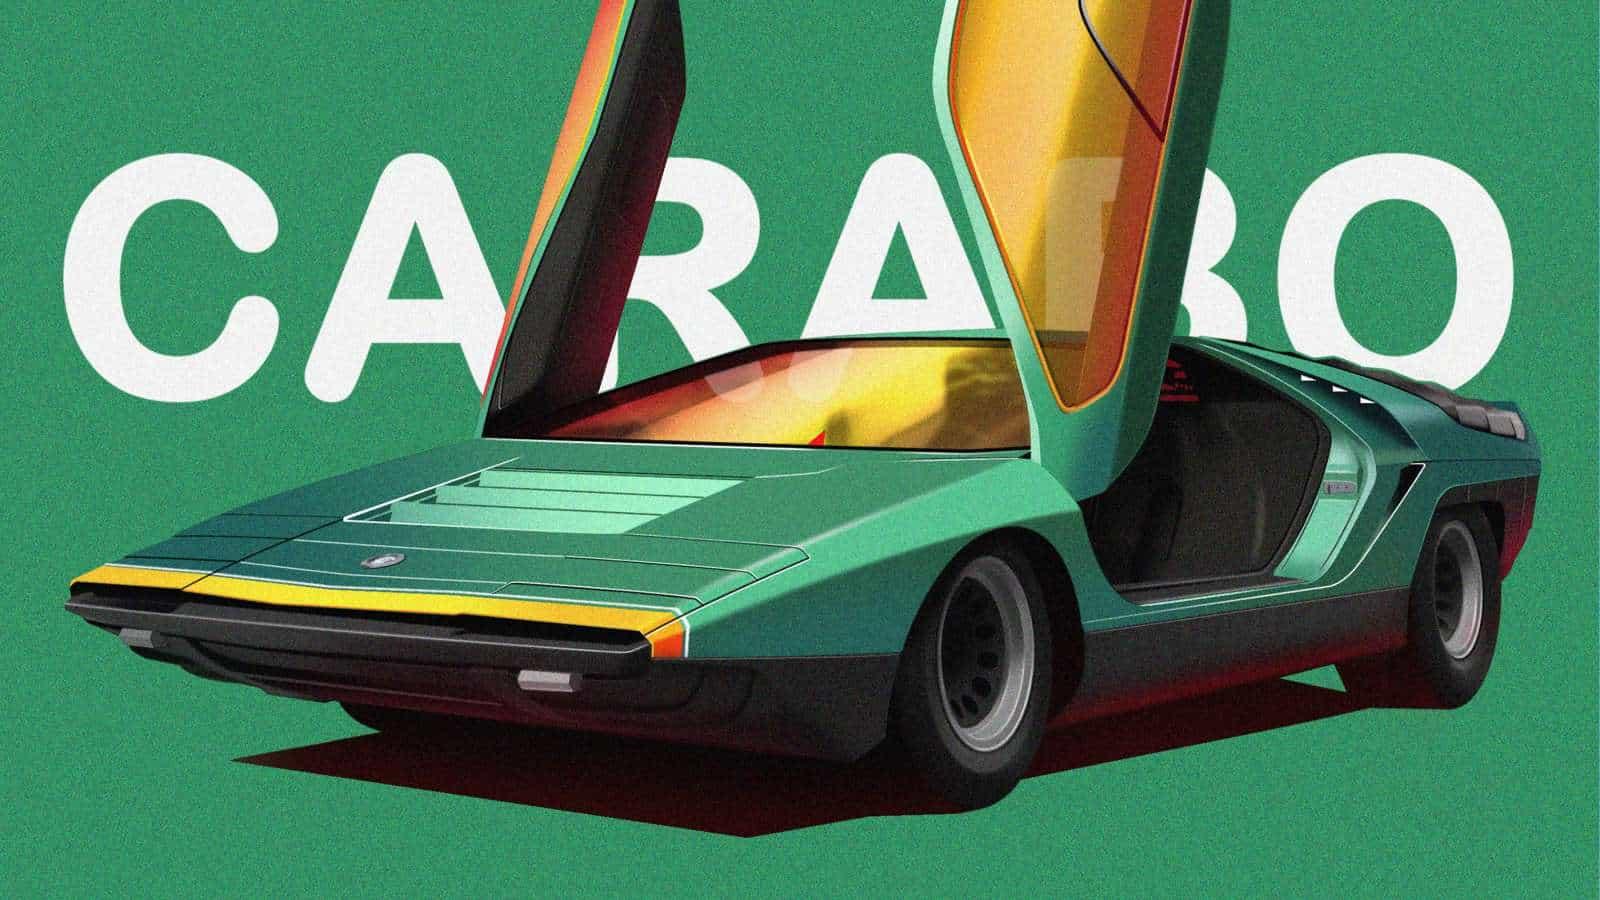 Serie de la ilustración de los más emblemáticos, los coches inusuales y memorables de la historia